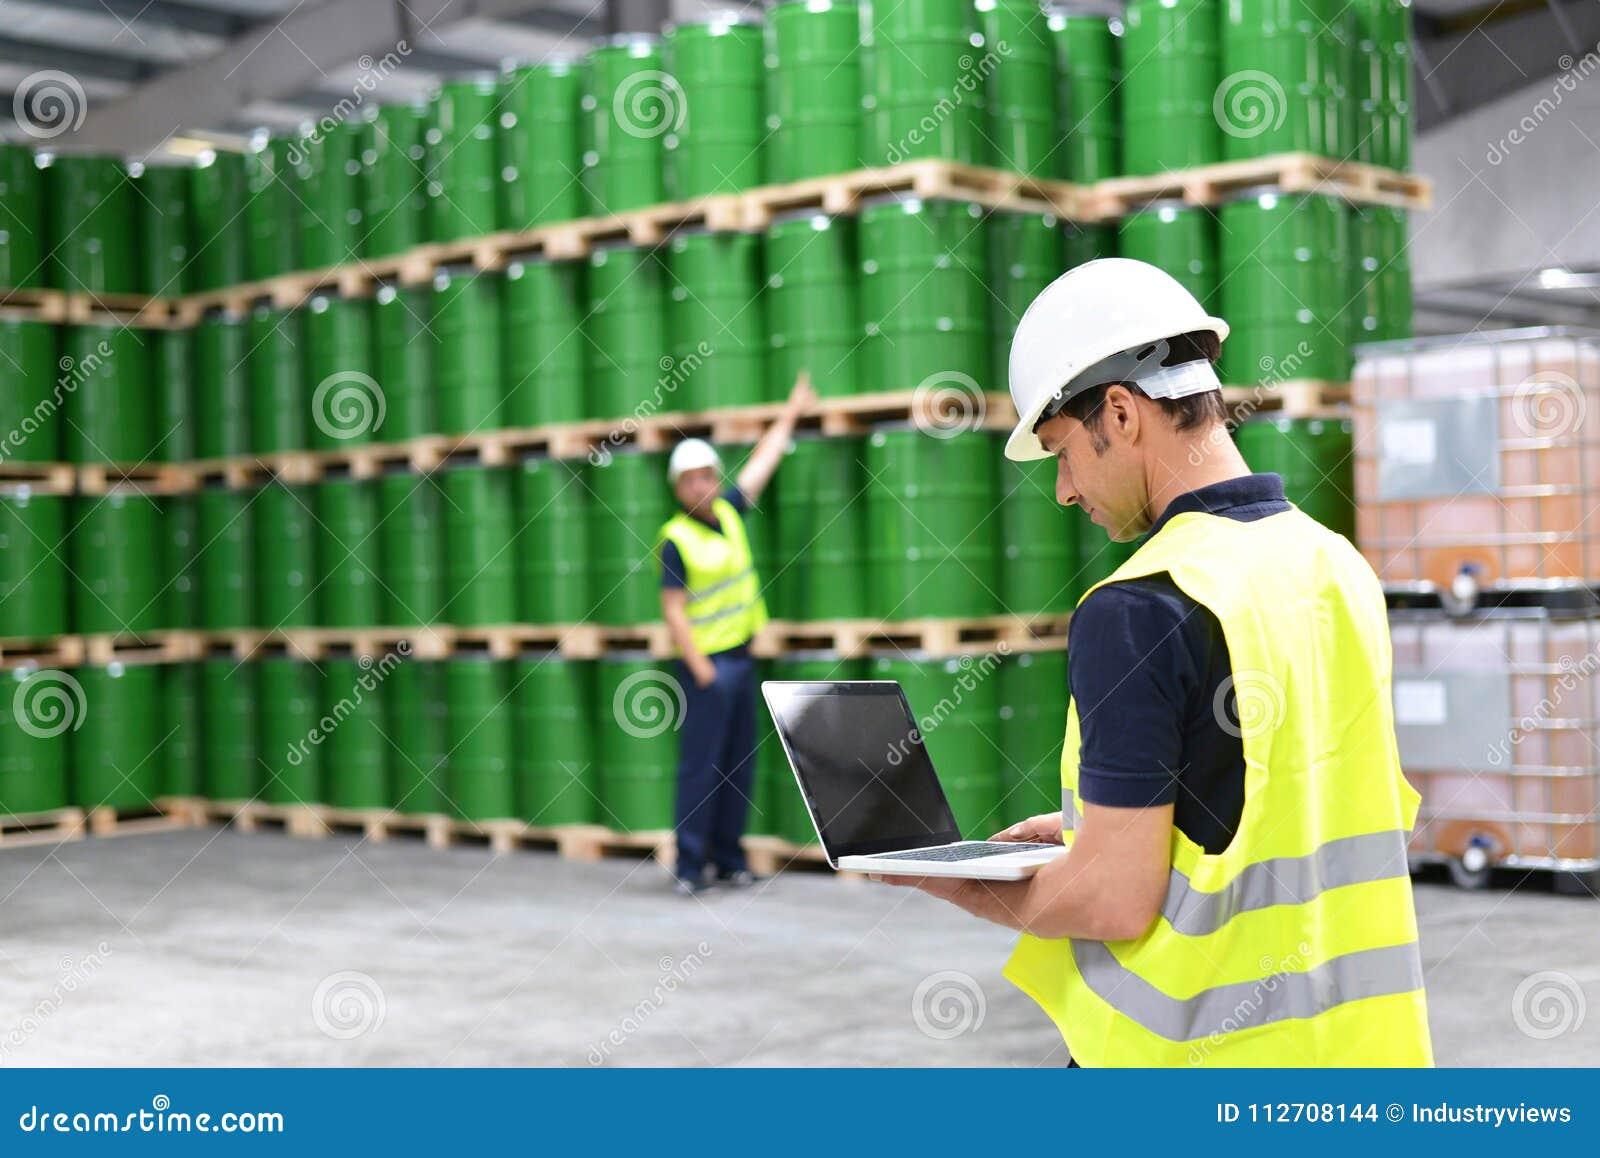 De arbeider in een pakhuis met olievaten controleert de voorraad